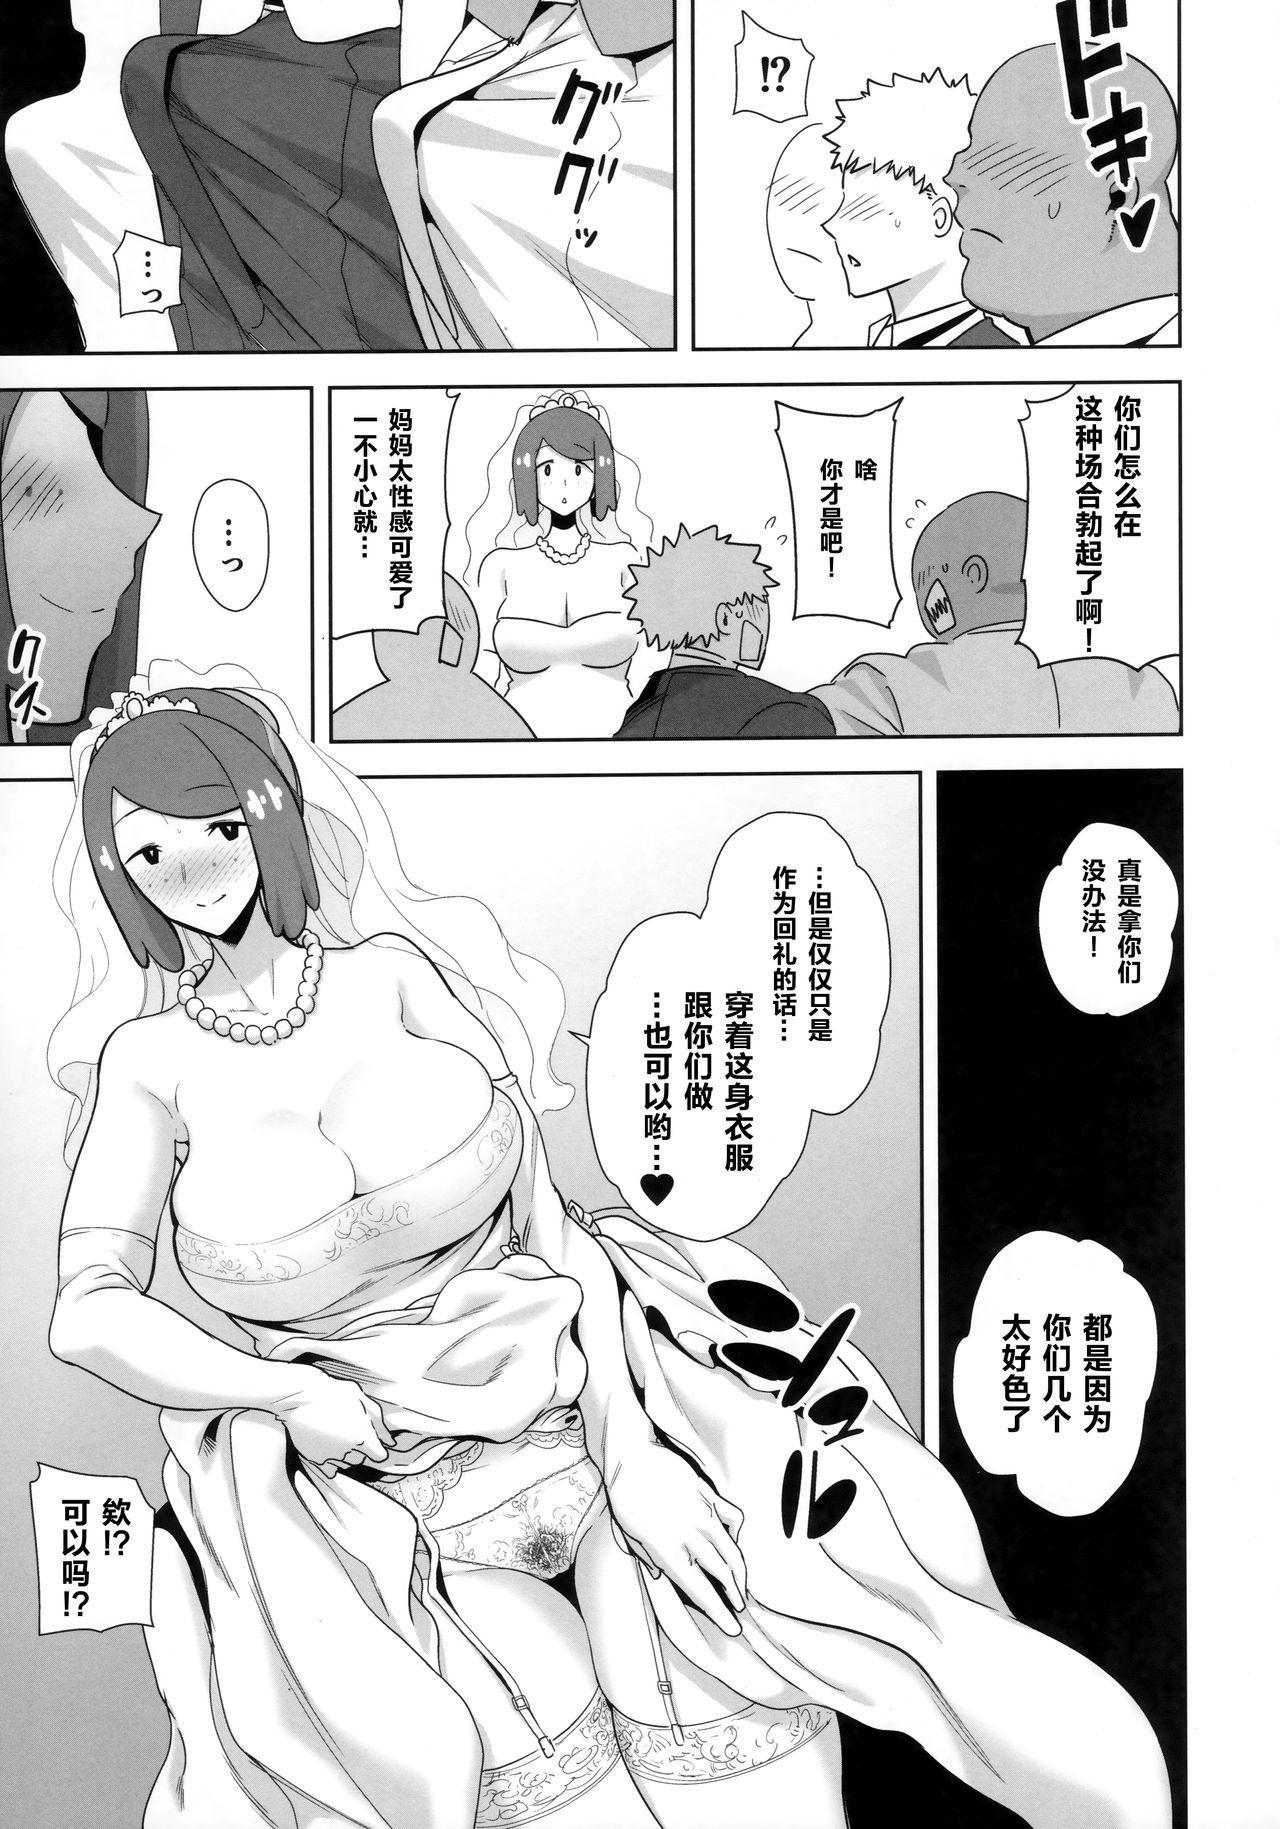 Alola no Yoru no Sugata 6 8